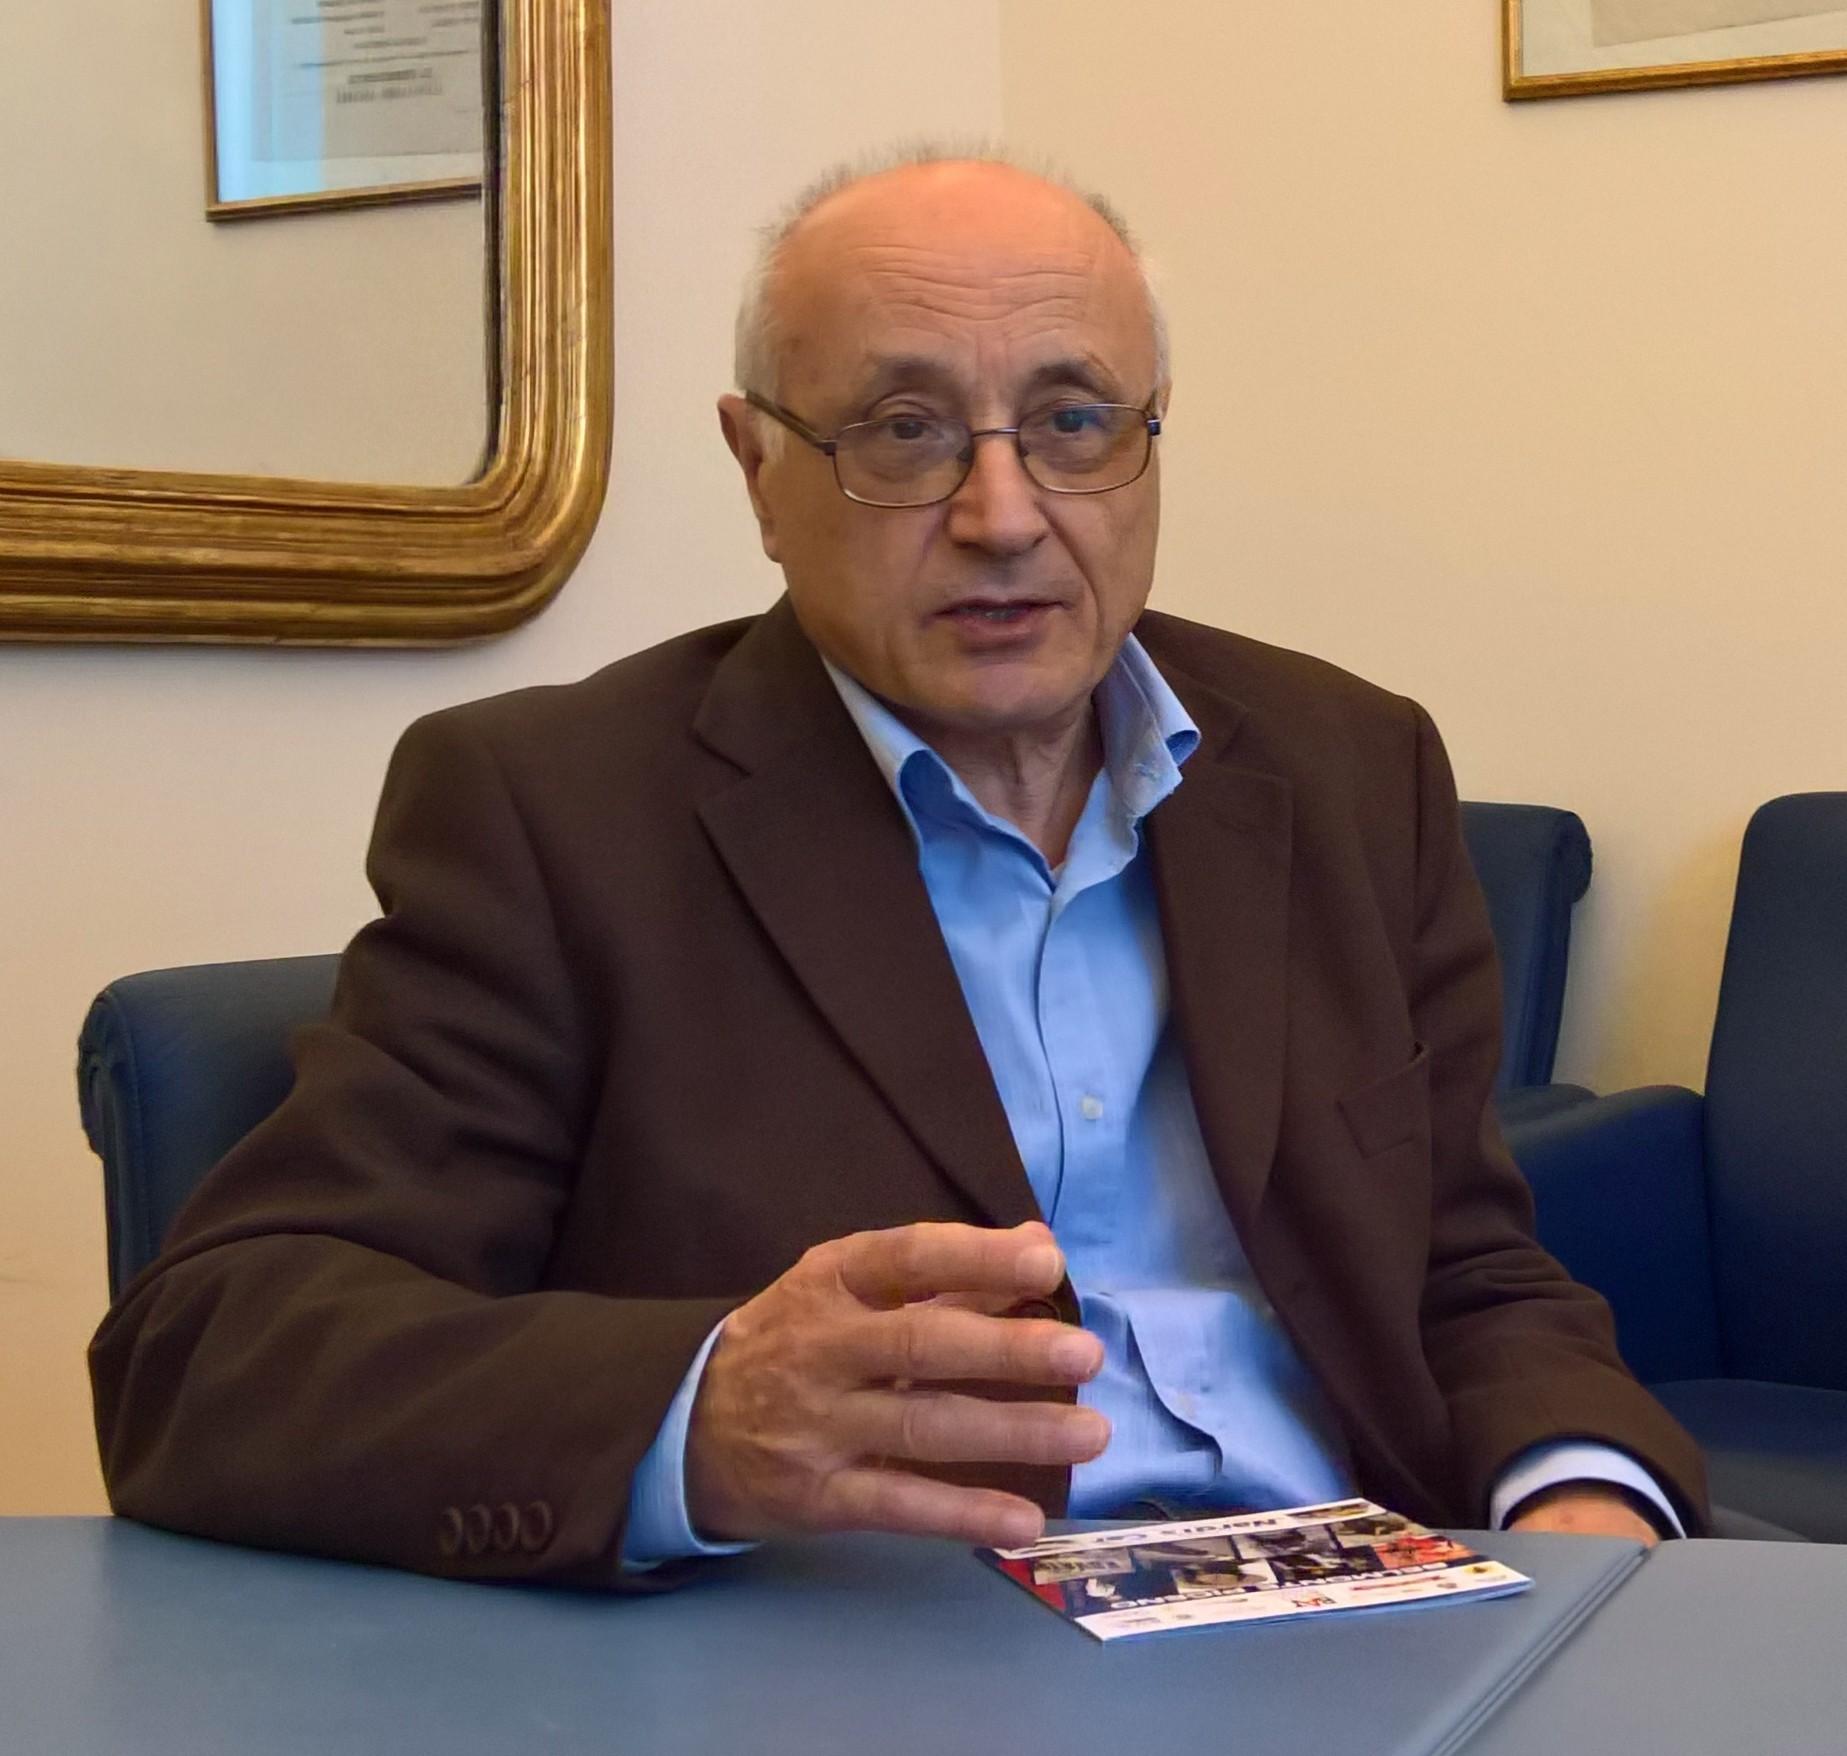 Carlo Verducci